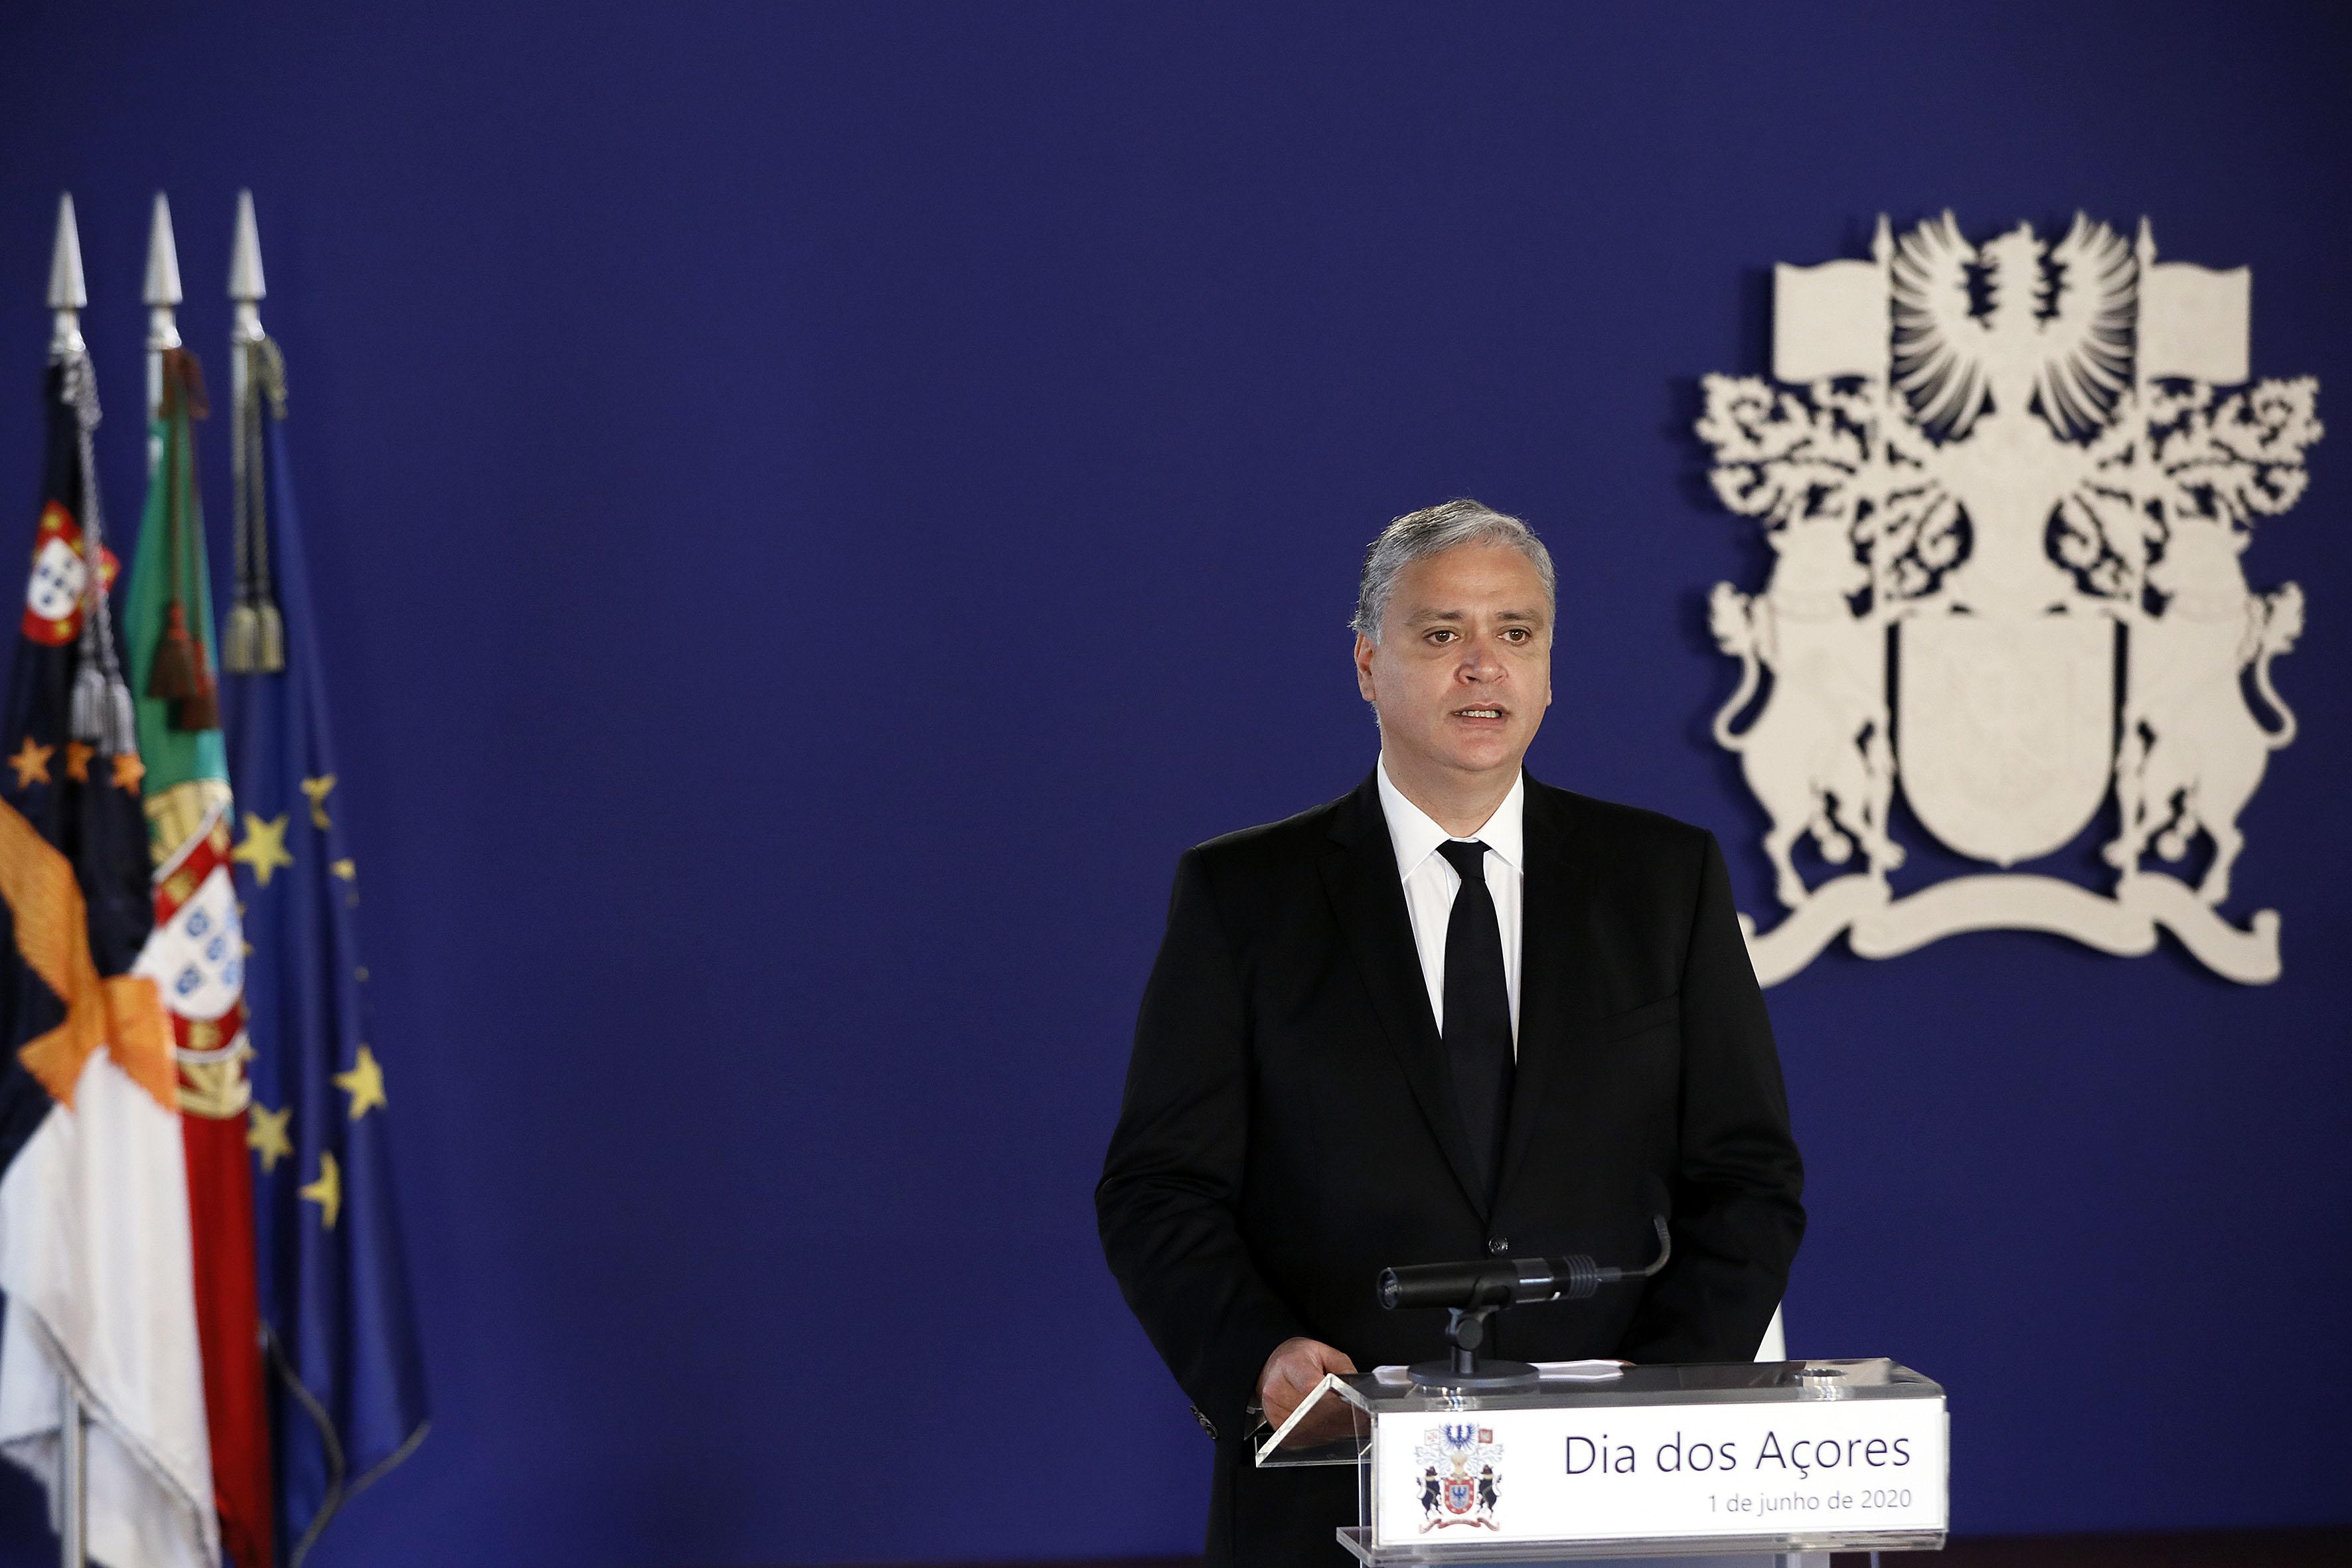 XII Governo Regional entra em gestão corrente